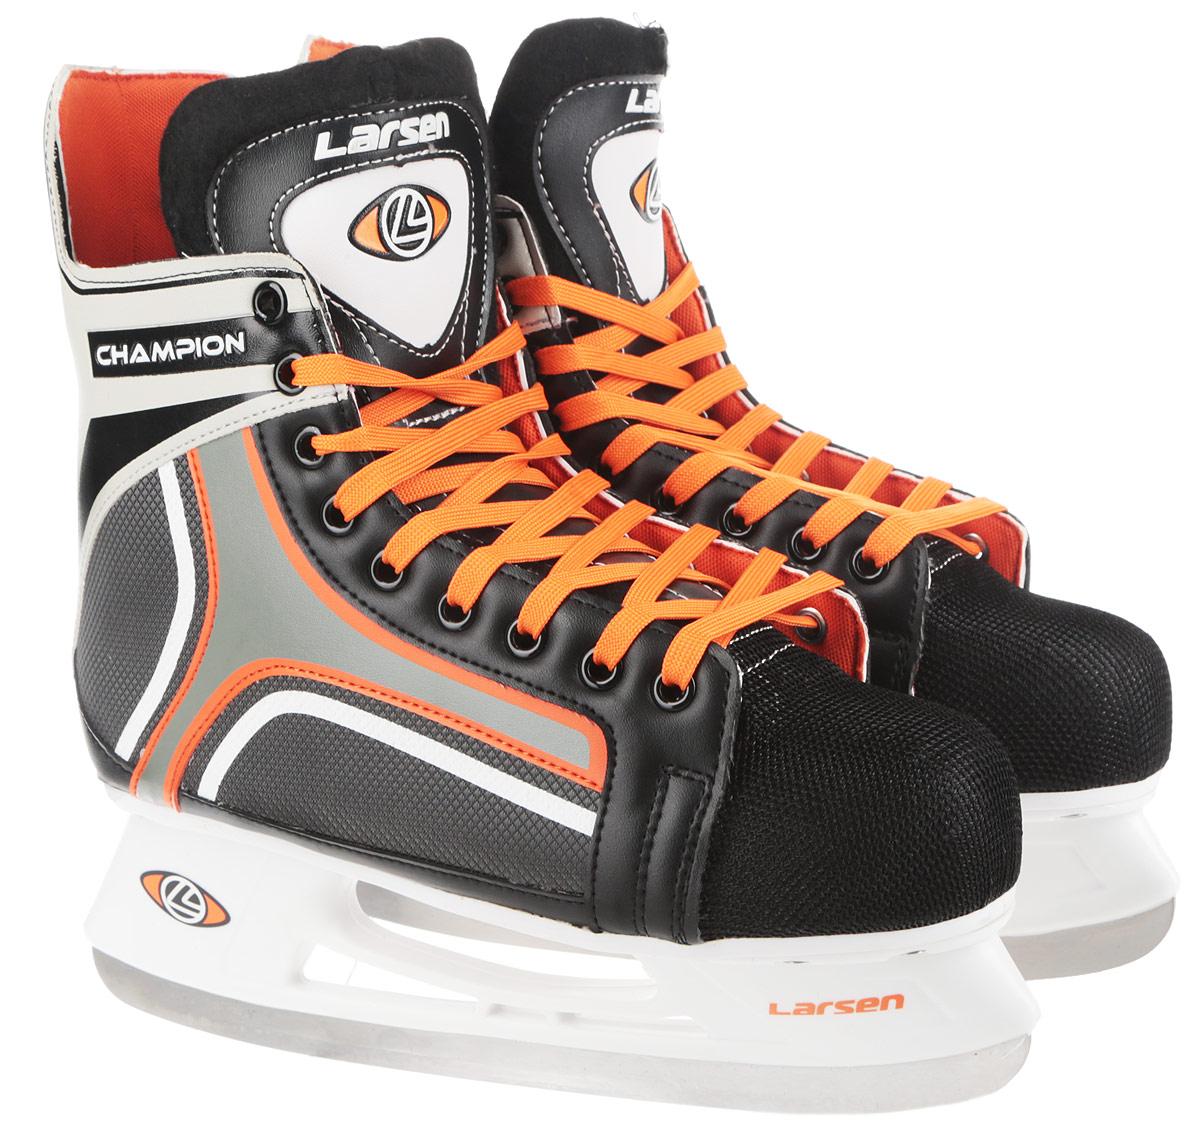 Коньки хоккейные мужские Larsen Champion, цвет: черный, белый, оранжевый. Размер 39